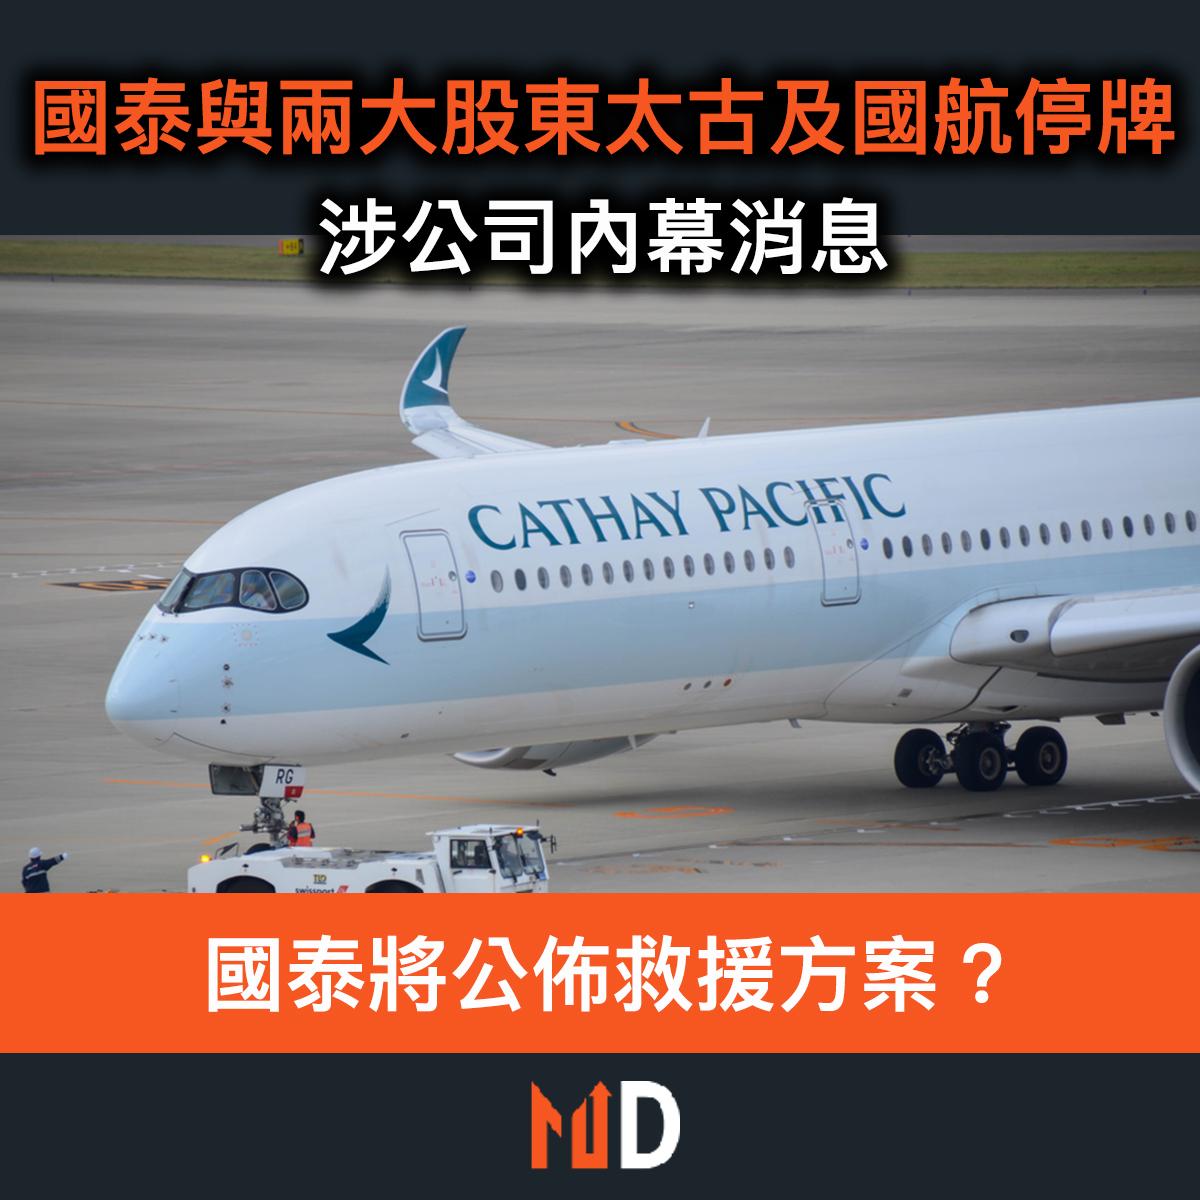 【市場熱話】國泰與兩大股東太古及國航停牌,涉公司內幕消息